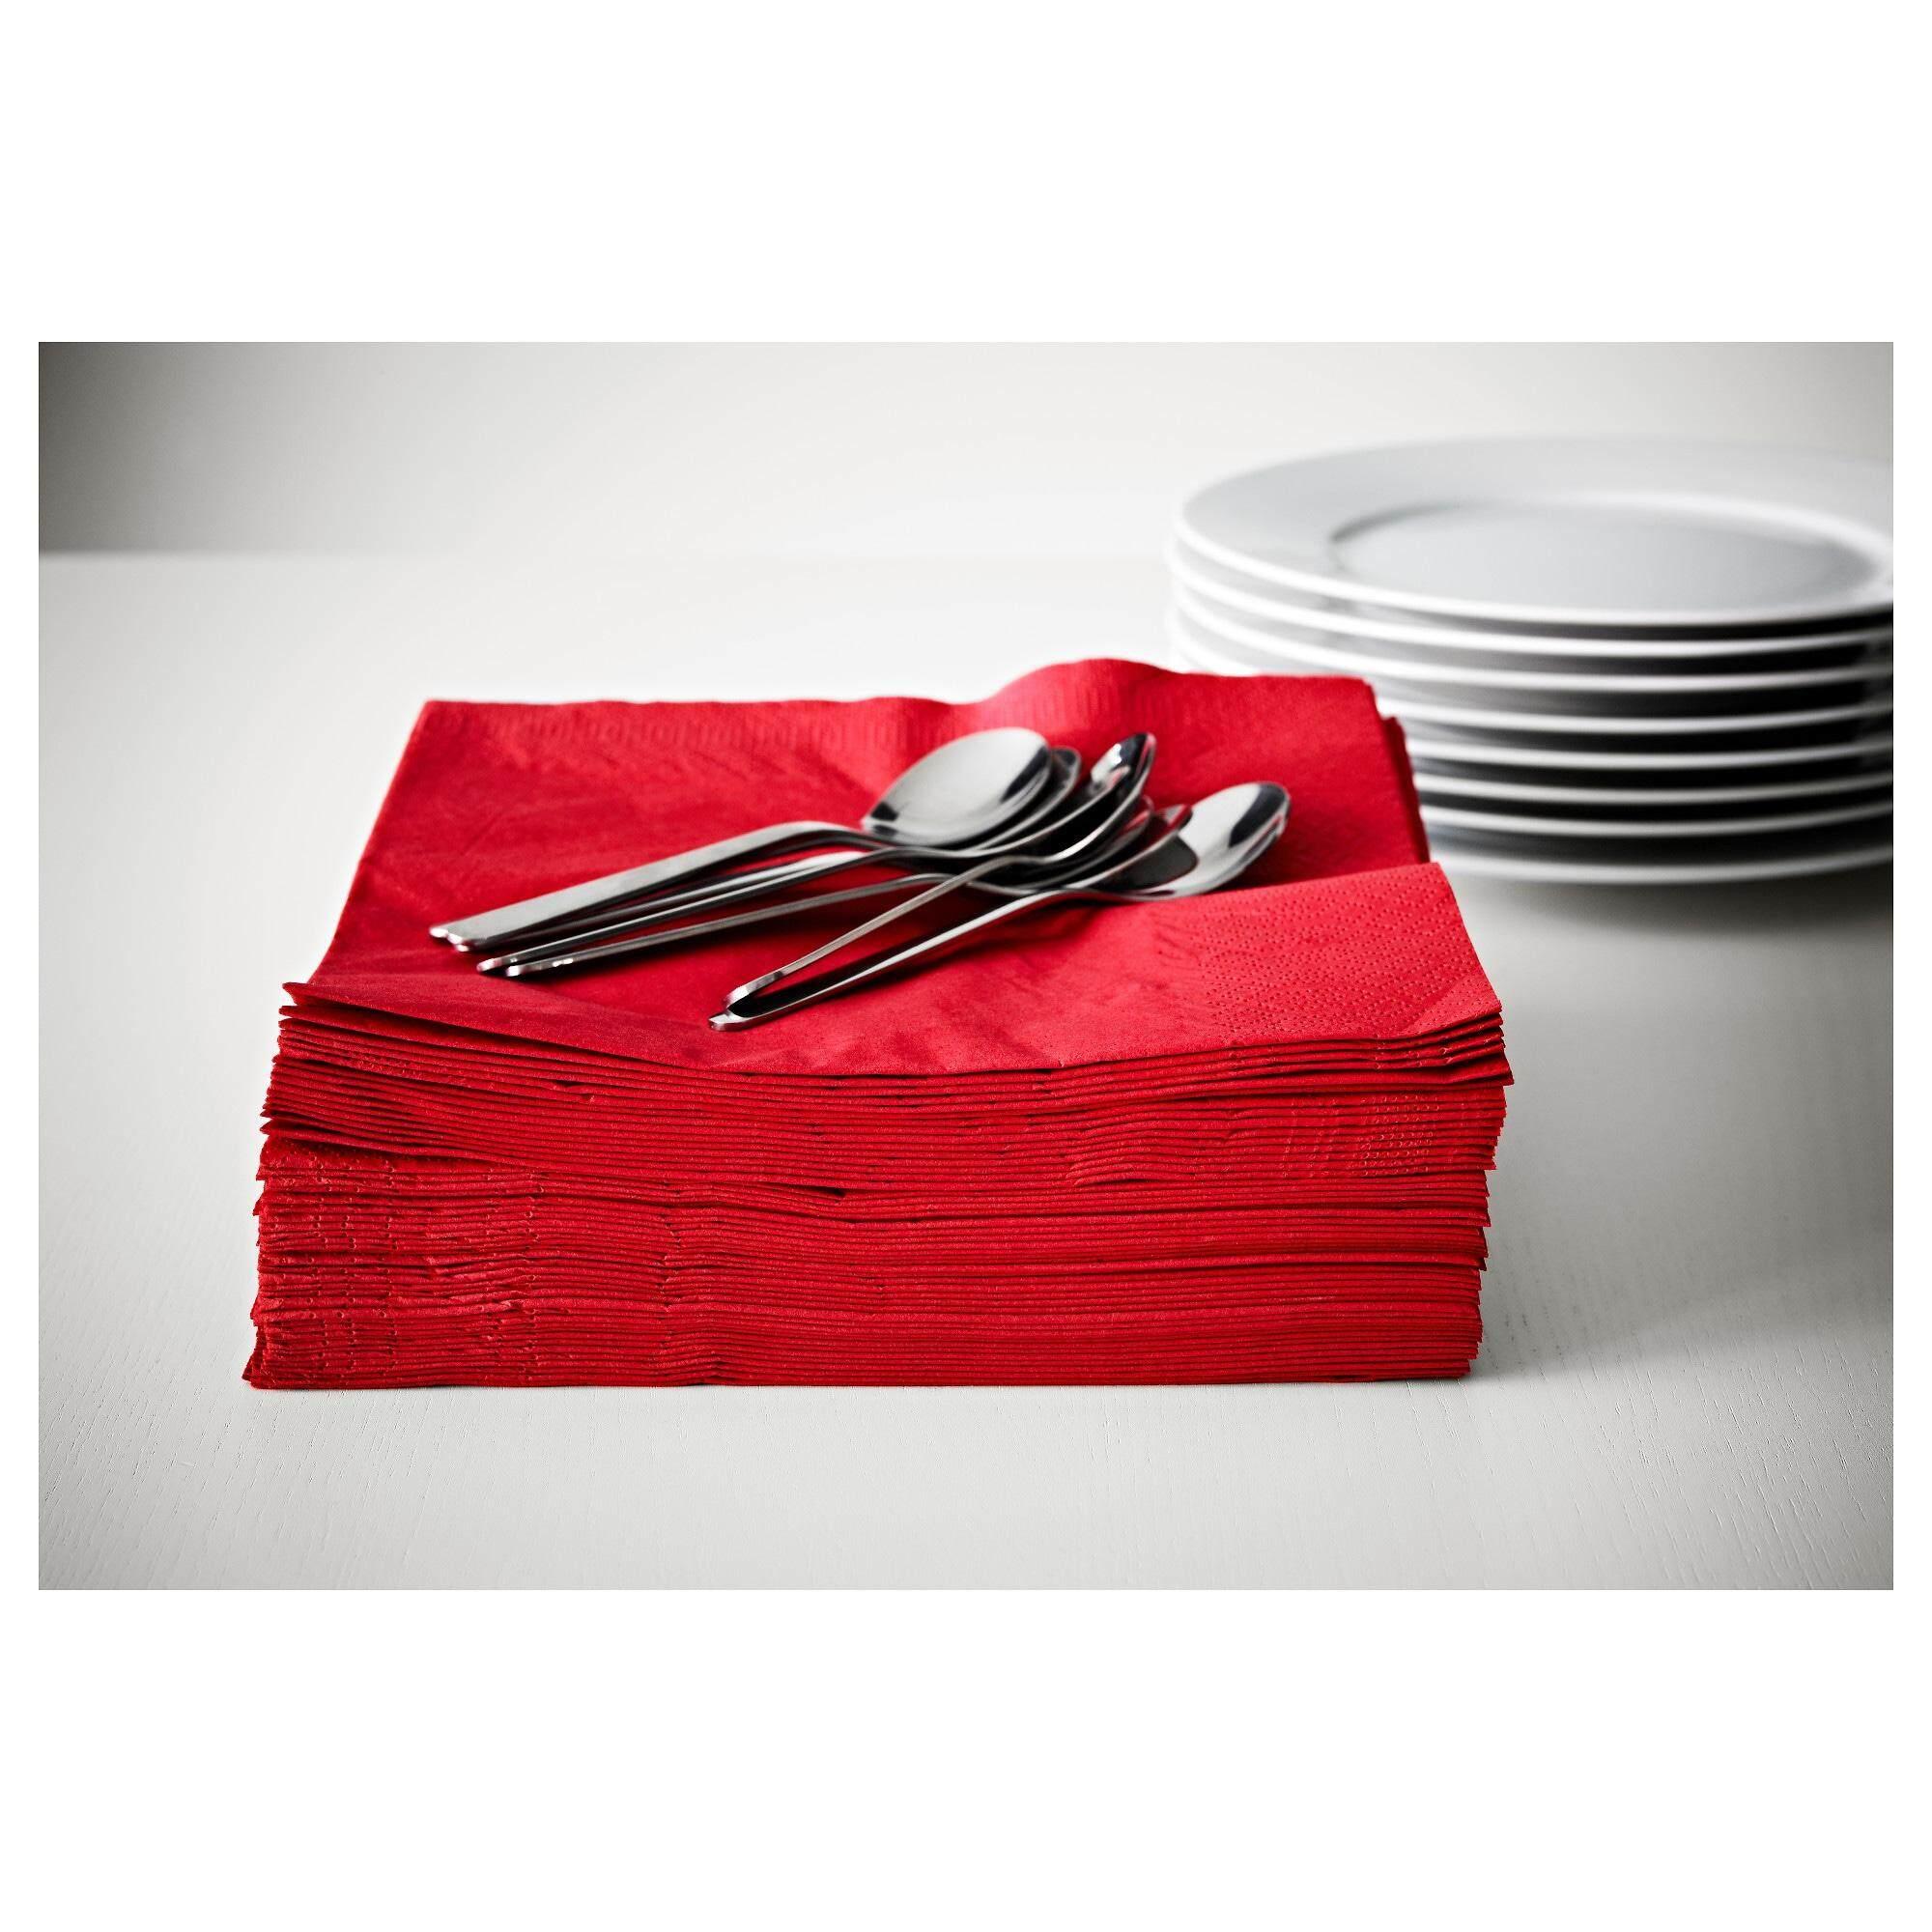 Fantastisk ฟันทัสติสค์ กระดาษเช็ดปาก แดง กระดาษเช็ดปากหนา 3 ชั้น ซึมซับได้ดีเยี่ยม By Spa Land.